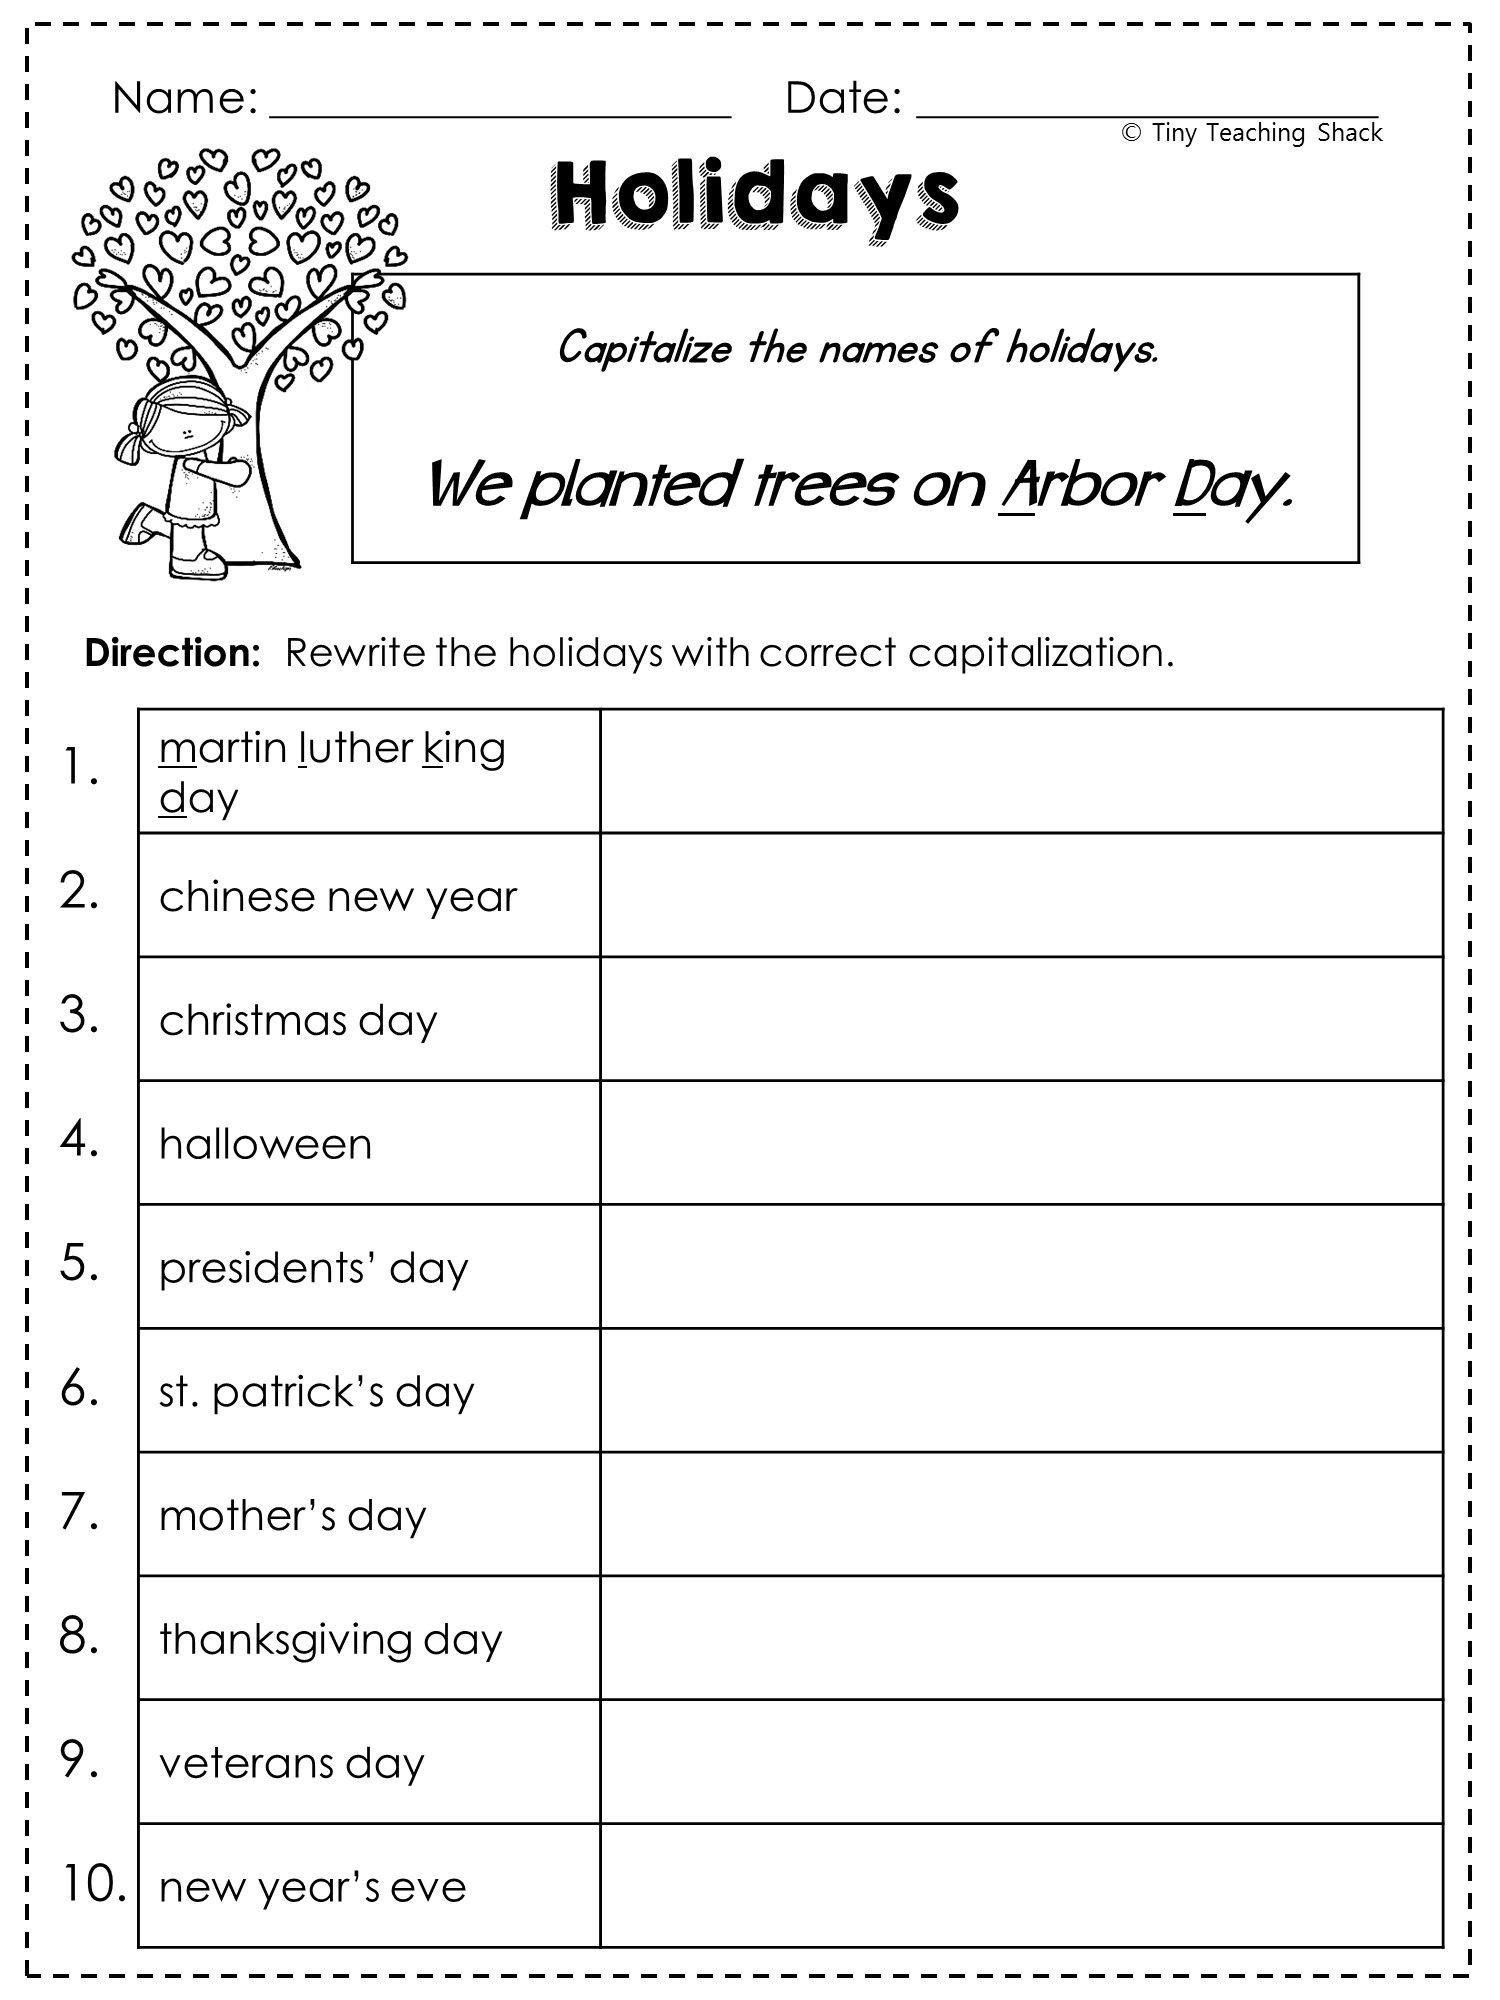 Sentence Correction Worksheets 2nd Grade Proofreading Worksheets 2nd Grade Free In 2020 Third Grade Grammar Worksheets Proper Nouns Worksheet Capitalization Worksheets